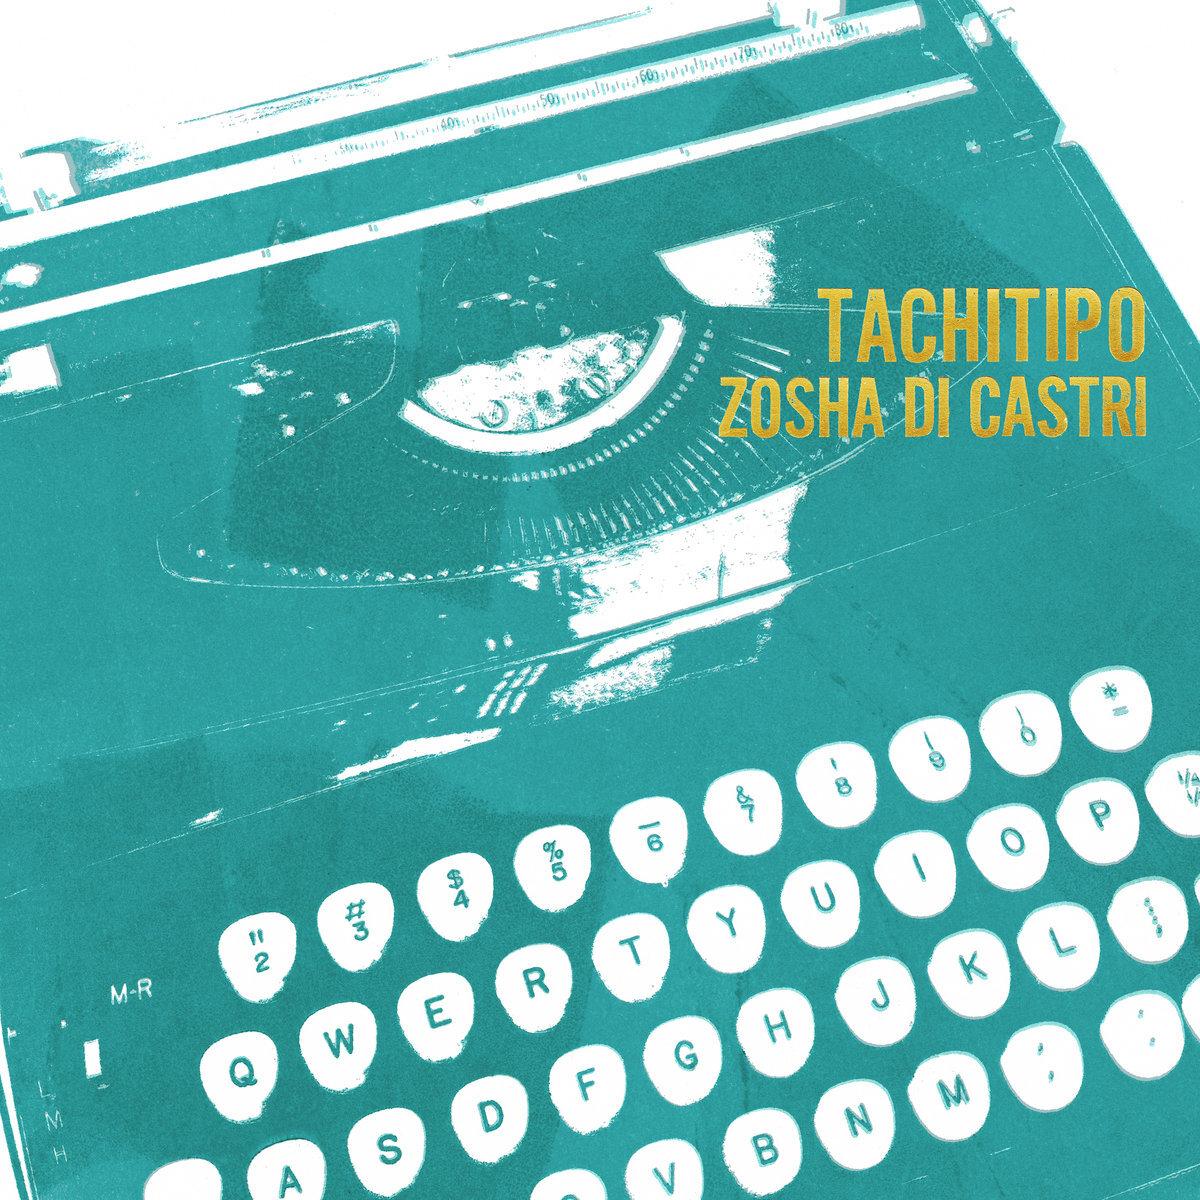 Tachitipo,  Zosha Di Castri Talea Ensemble New Focus Recordings, 2019